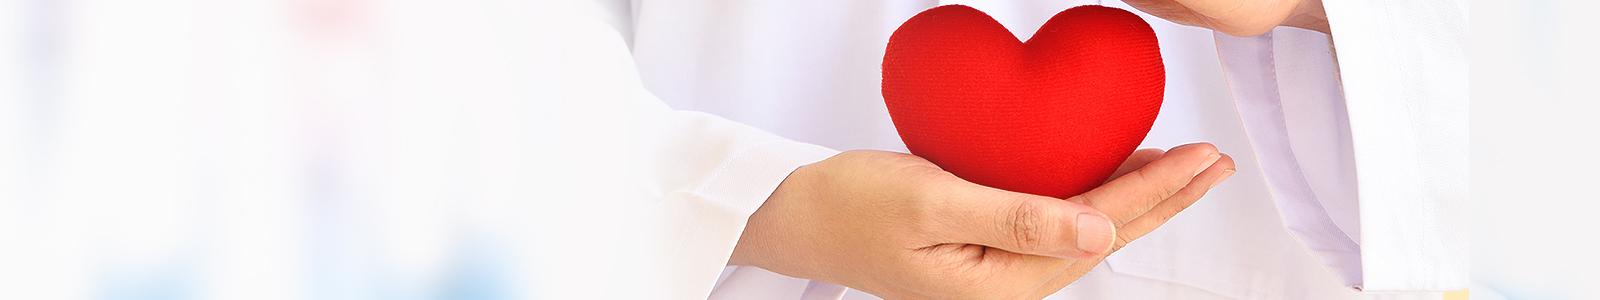 Rehabilitacja po zawale serca chelatacja